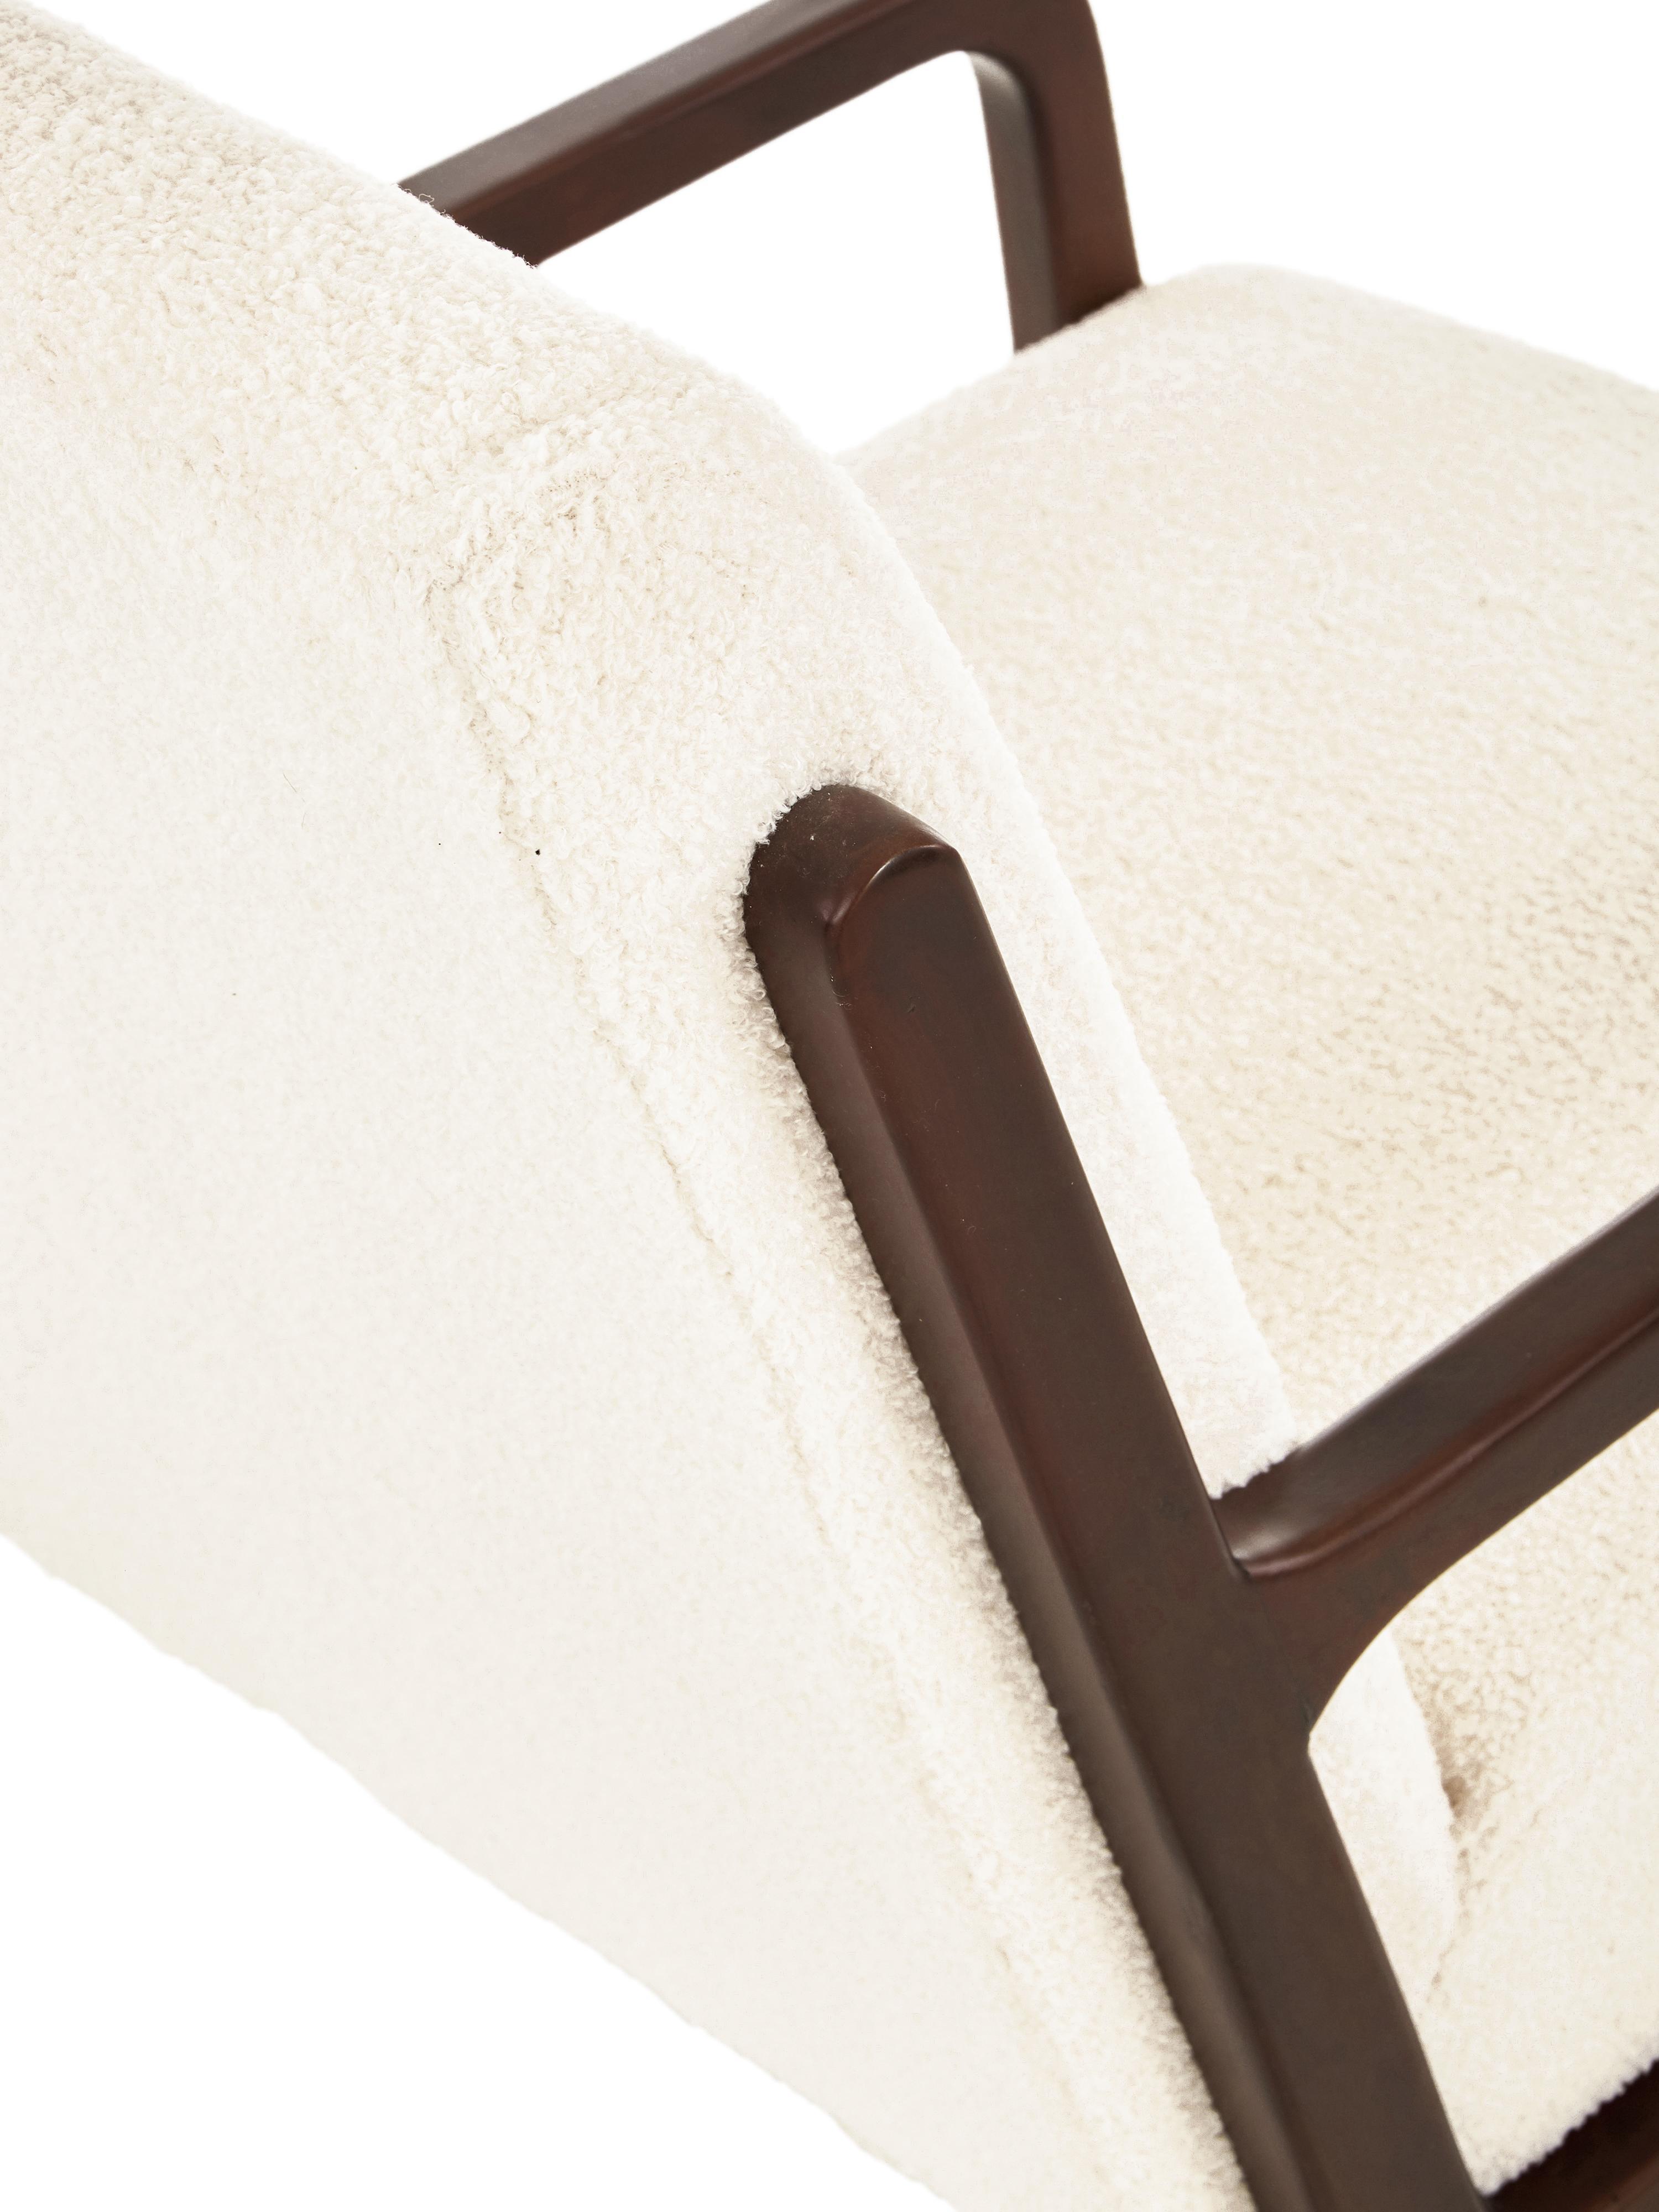 Sedia a poltrona in tessuto teddy con braccioli in legno Naja, Rivestimento: poliestere (pelliccia sin, Struttura: legno di quercia massicci, Peluche bianco crema, Larg. 76 x Prof. 67 cm